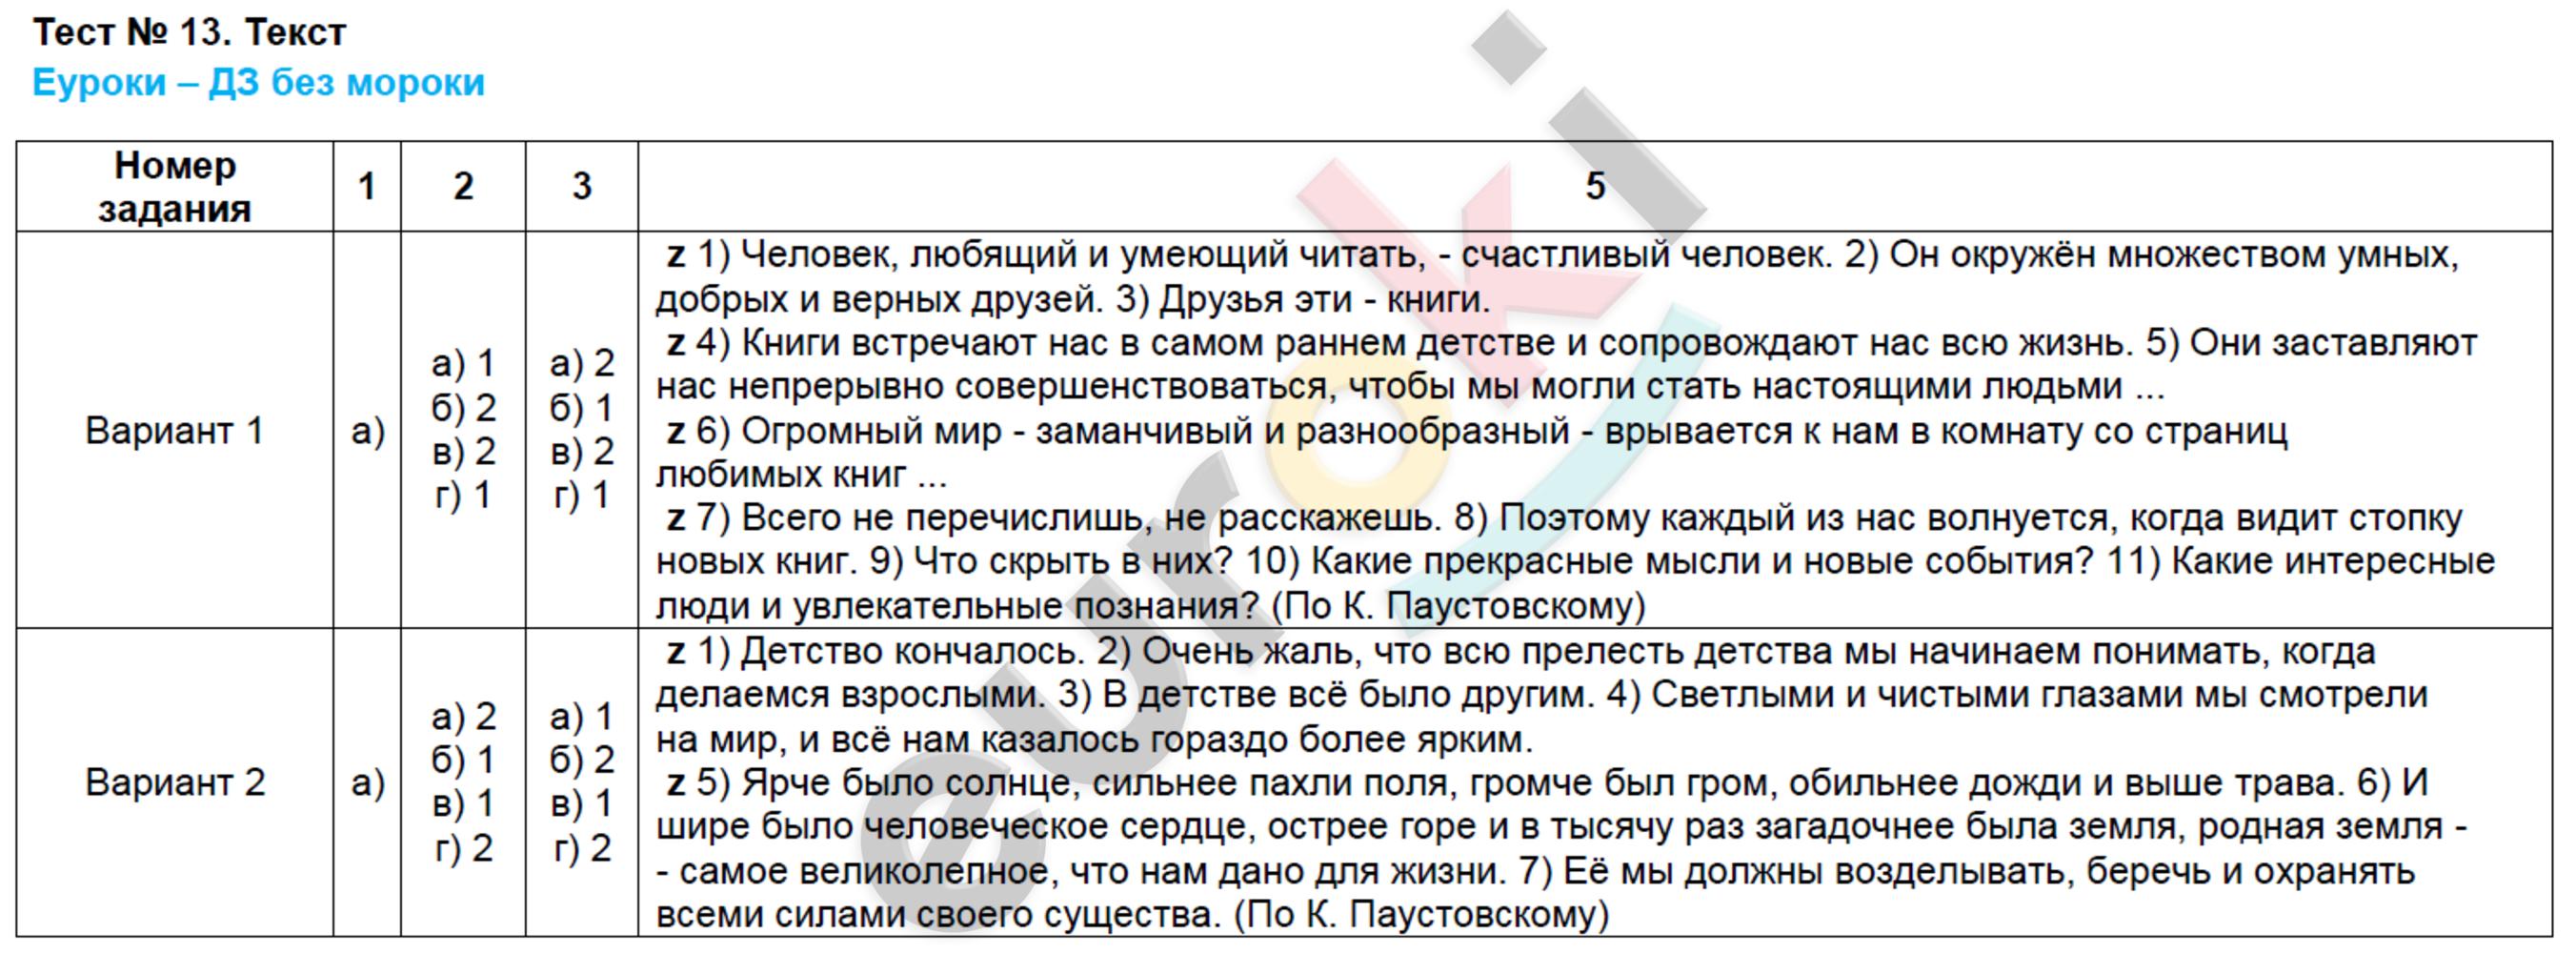 Гдз по русскому языку тесты 6 класс мальцева ответы